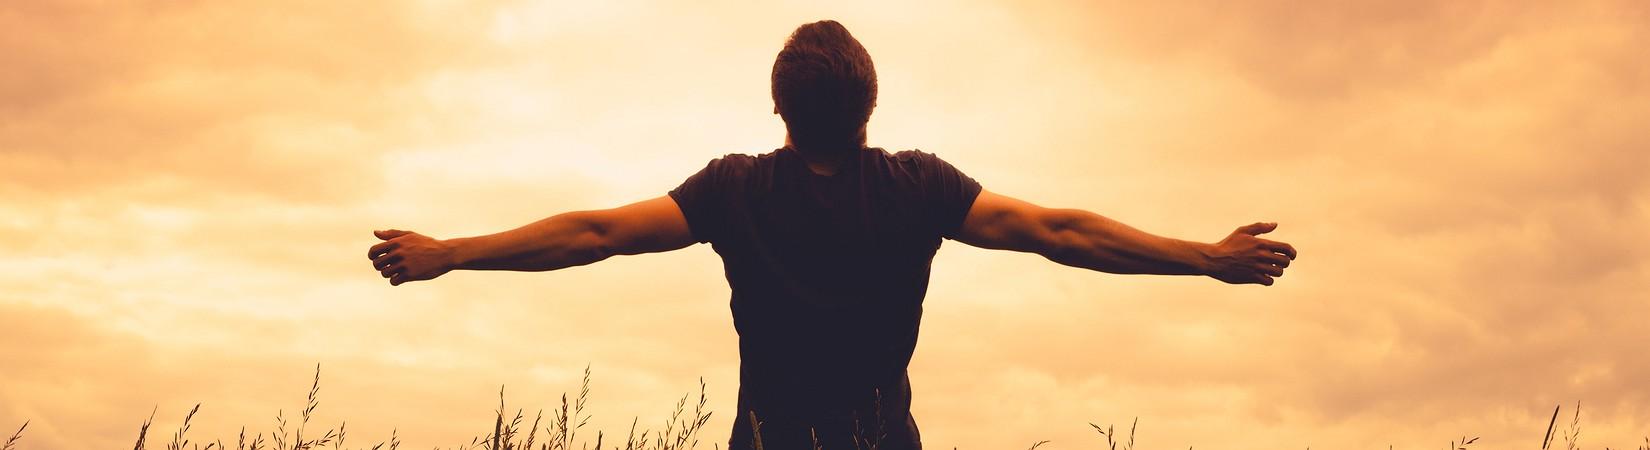 21 caratteristiche delle persone mentalmente forti